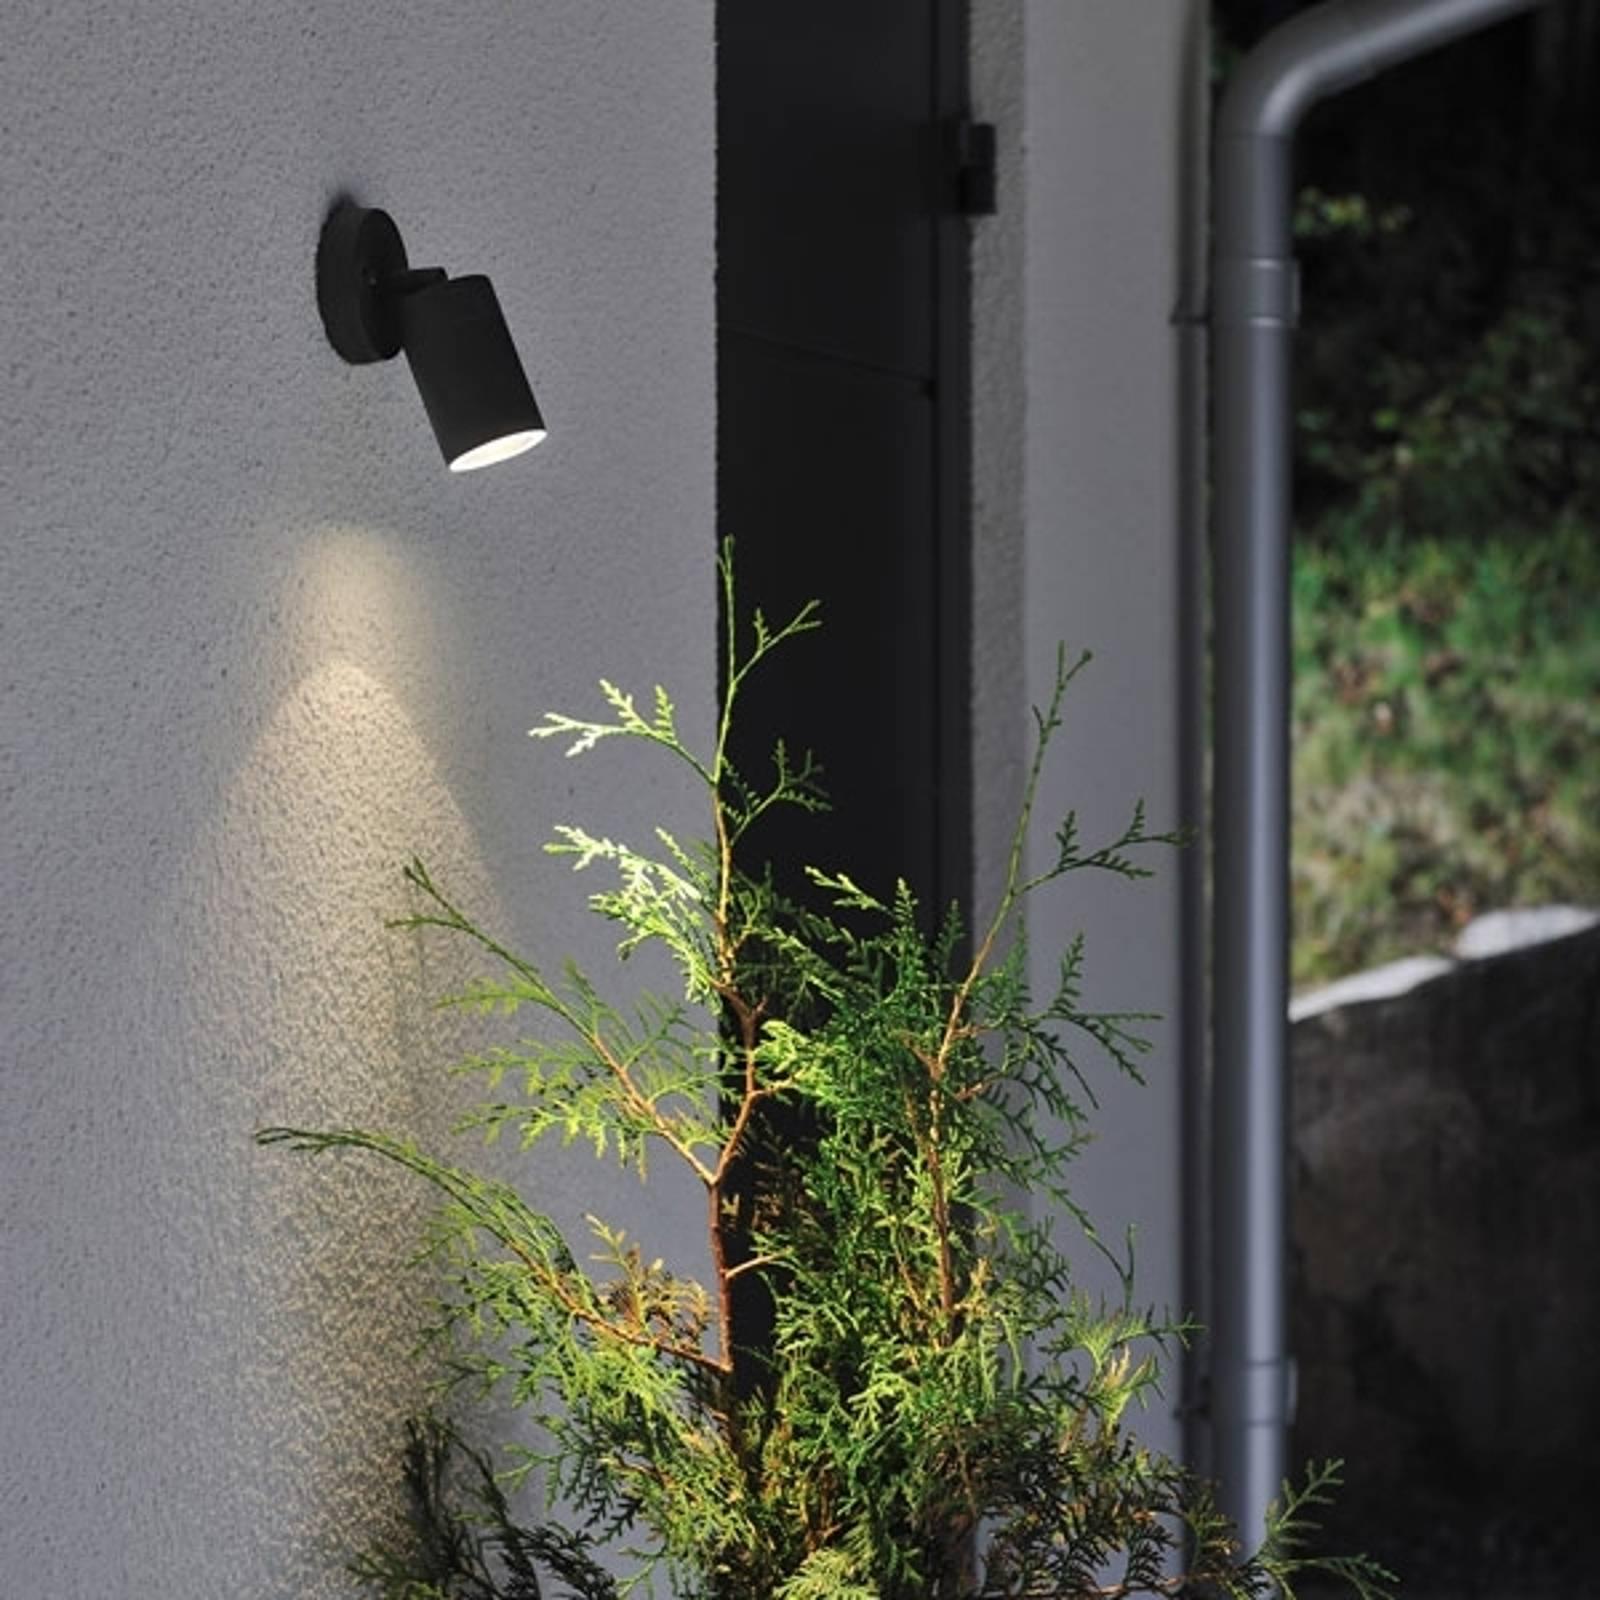 Buitenwandlamp New Modena, GU10 spot, zwart